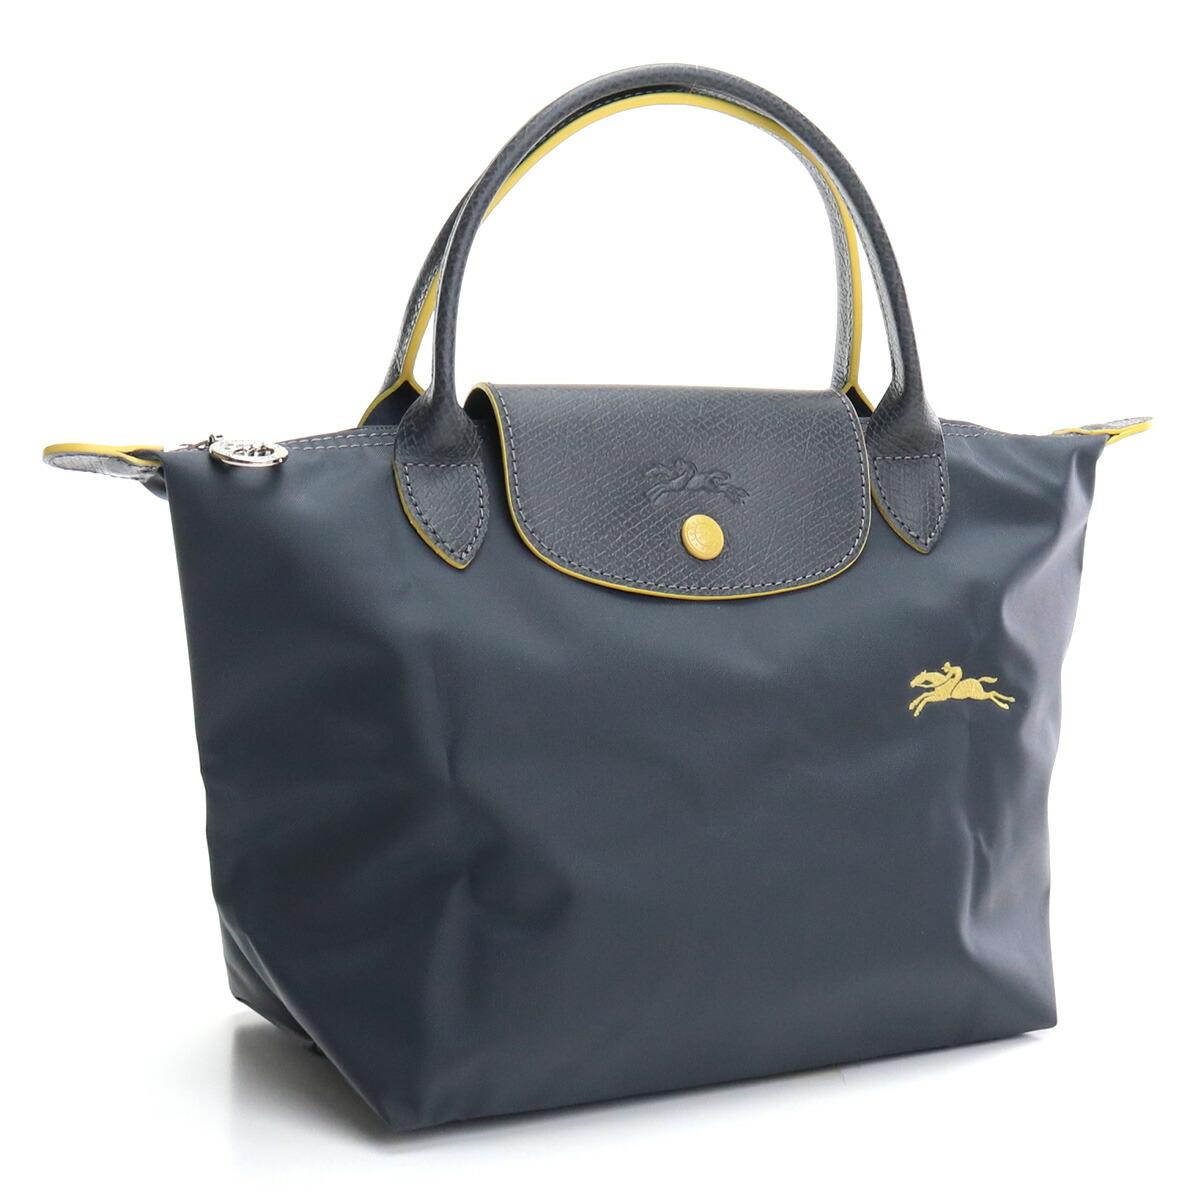 ロンシャン LONGCHAMP PLIAGE ハンドバッグ ブランドバッグ 1621 619 300 ル プリアージュ クラブ LE PLIAGE CLUB グレー系 bag-01